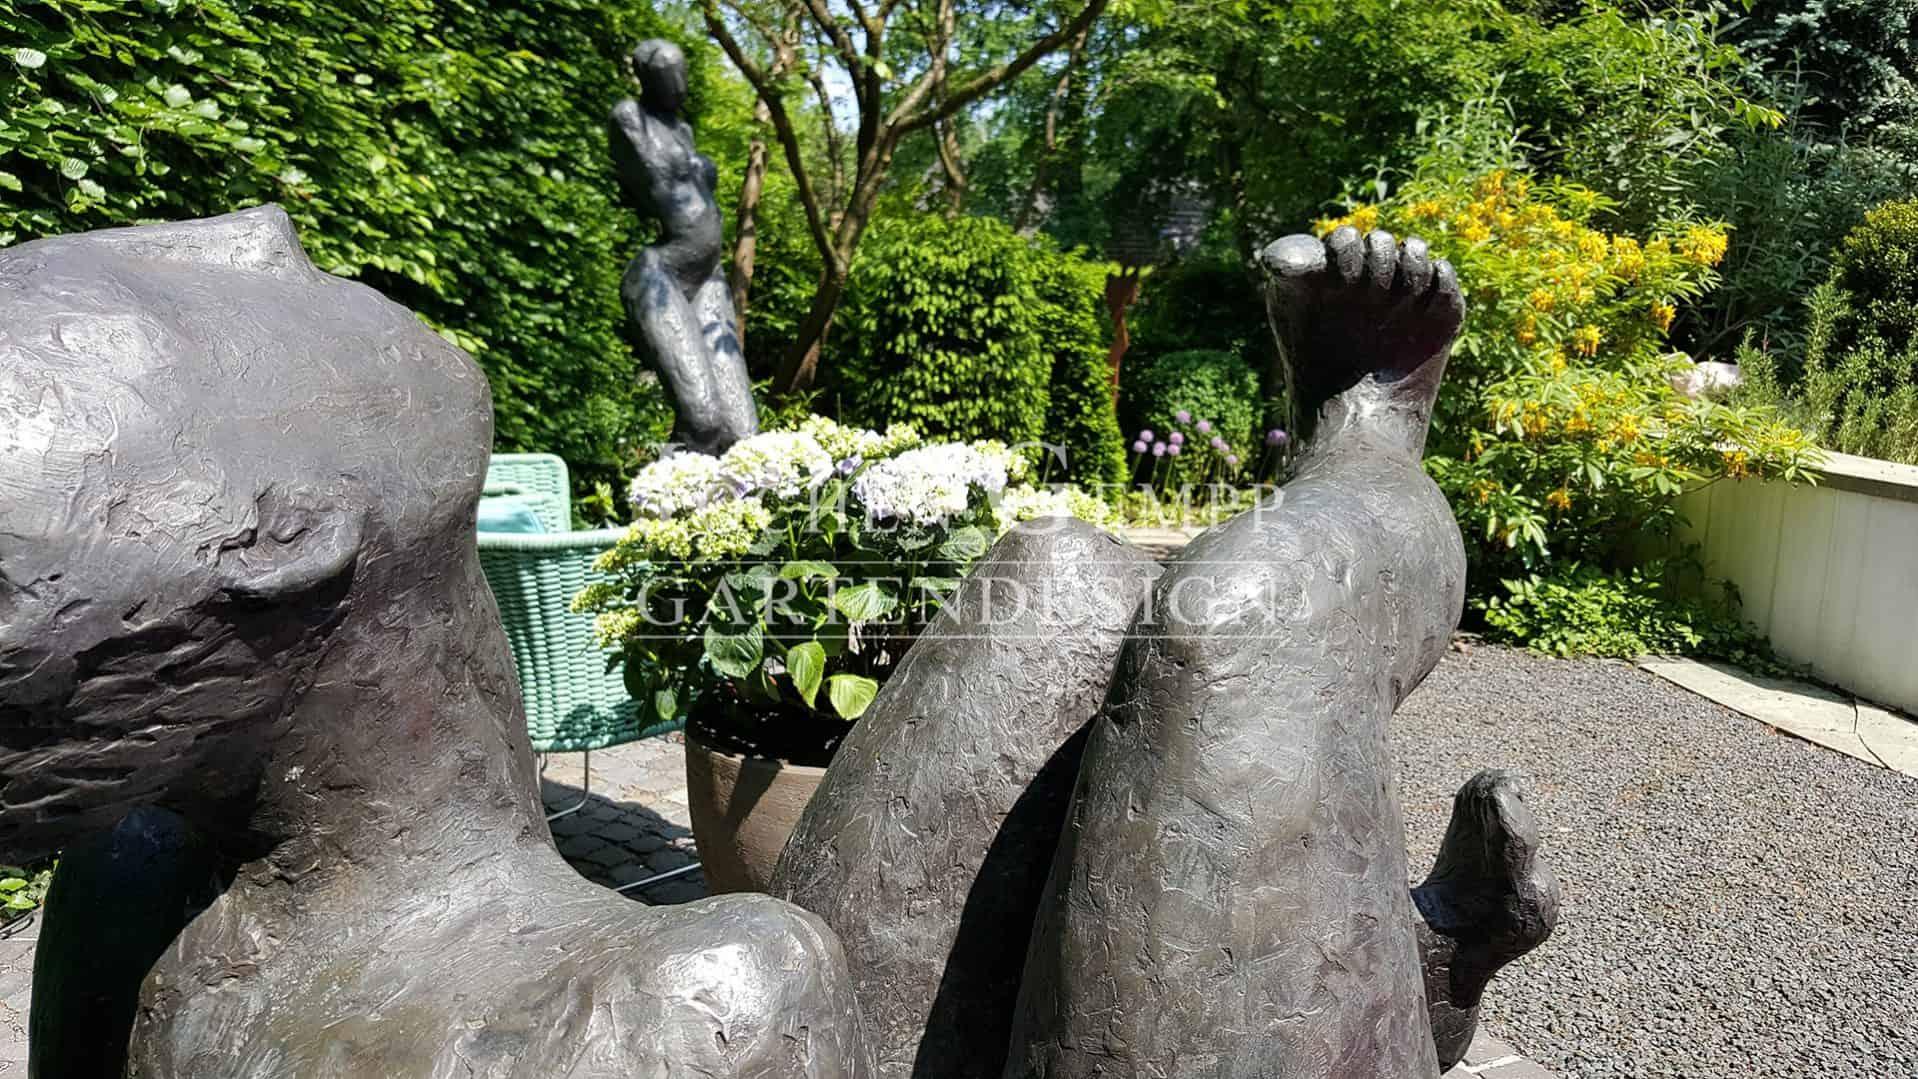 skulpturengarten hamburg | gempp gartendesign, Garten ideen